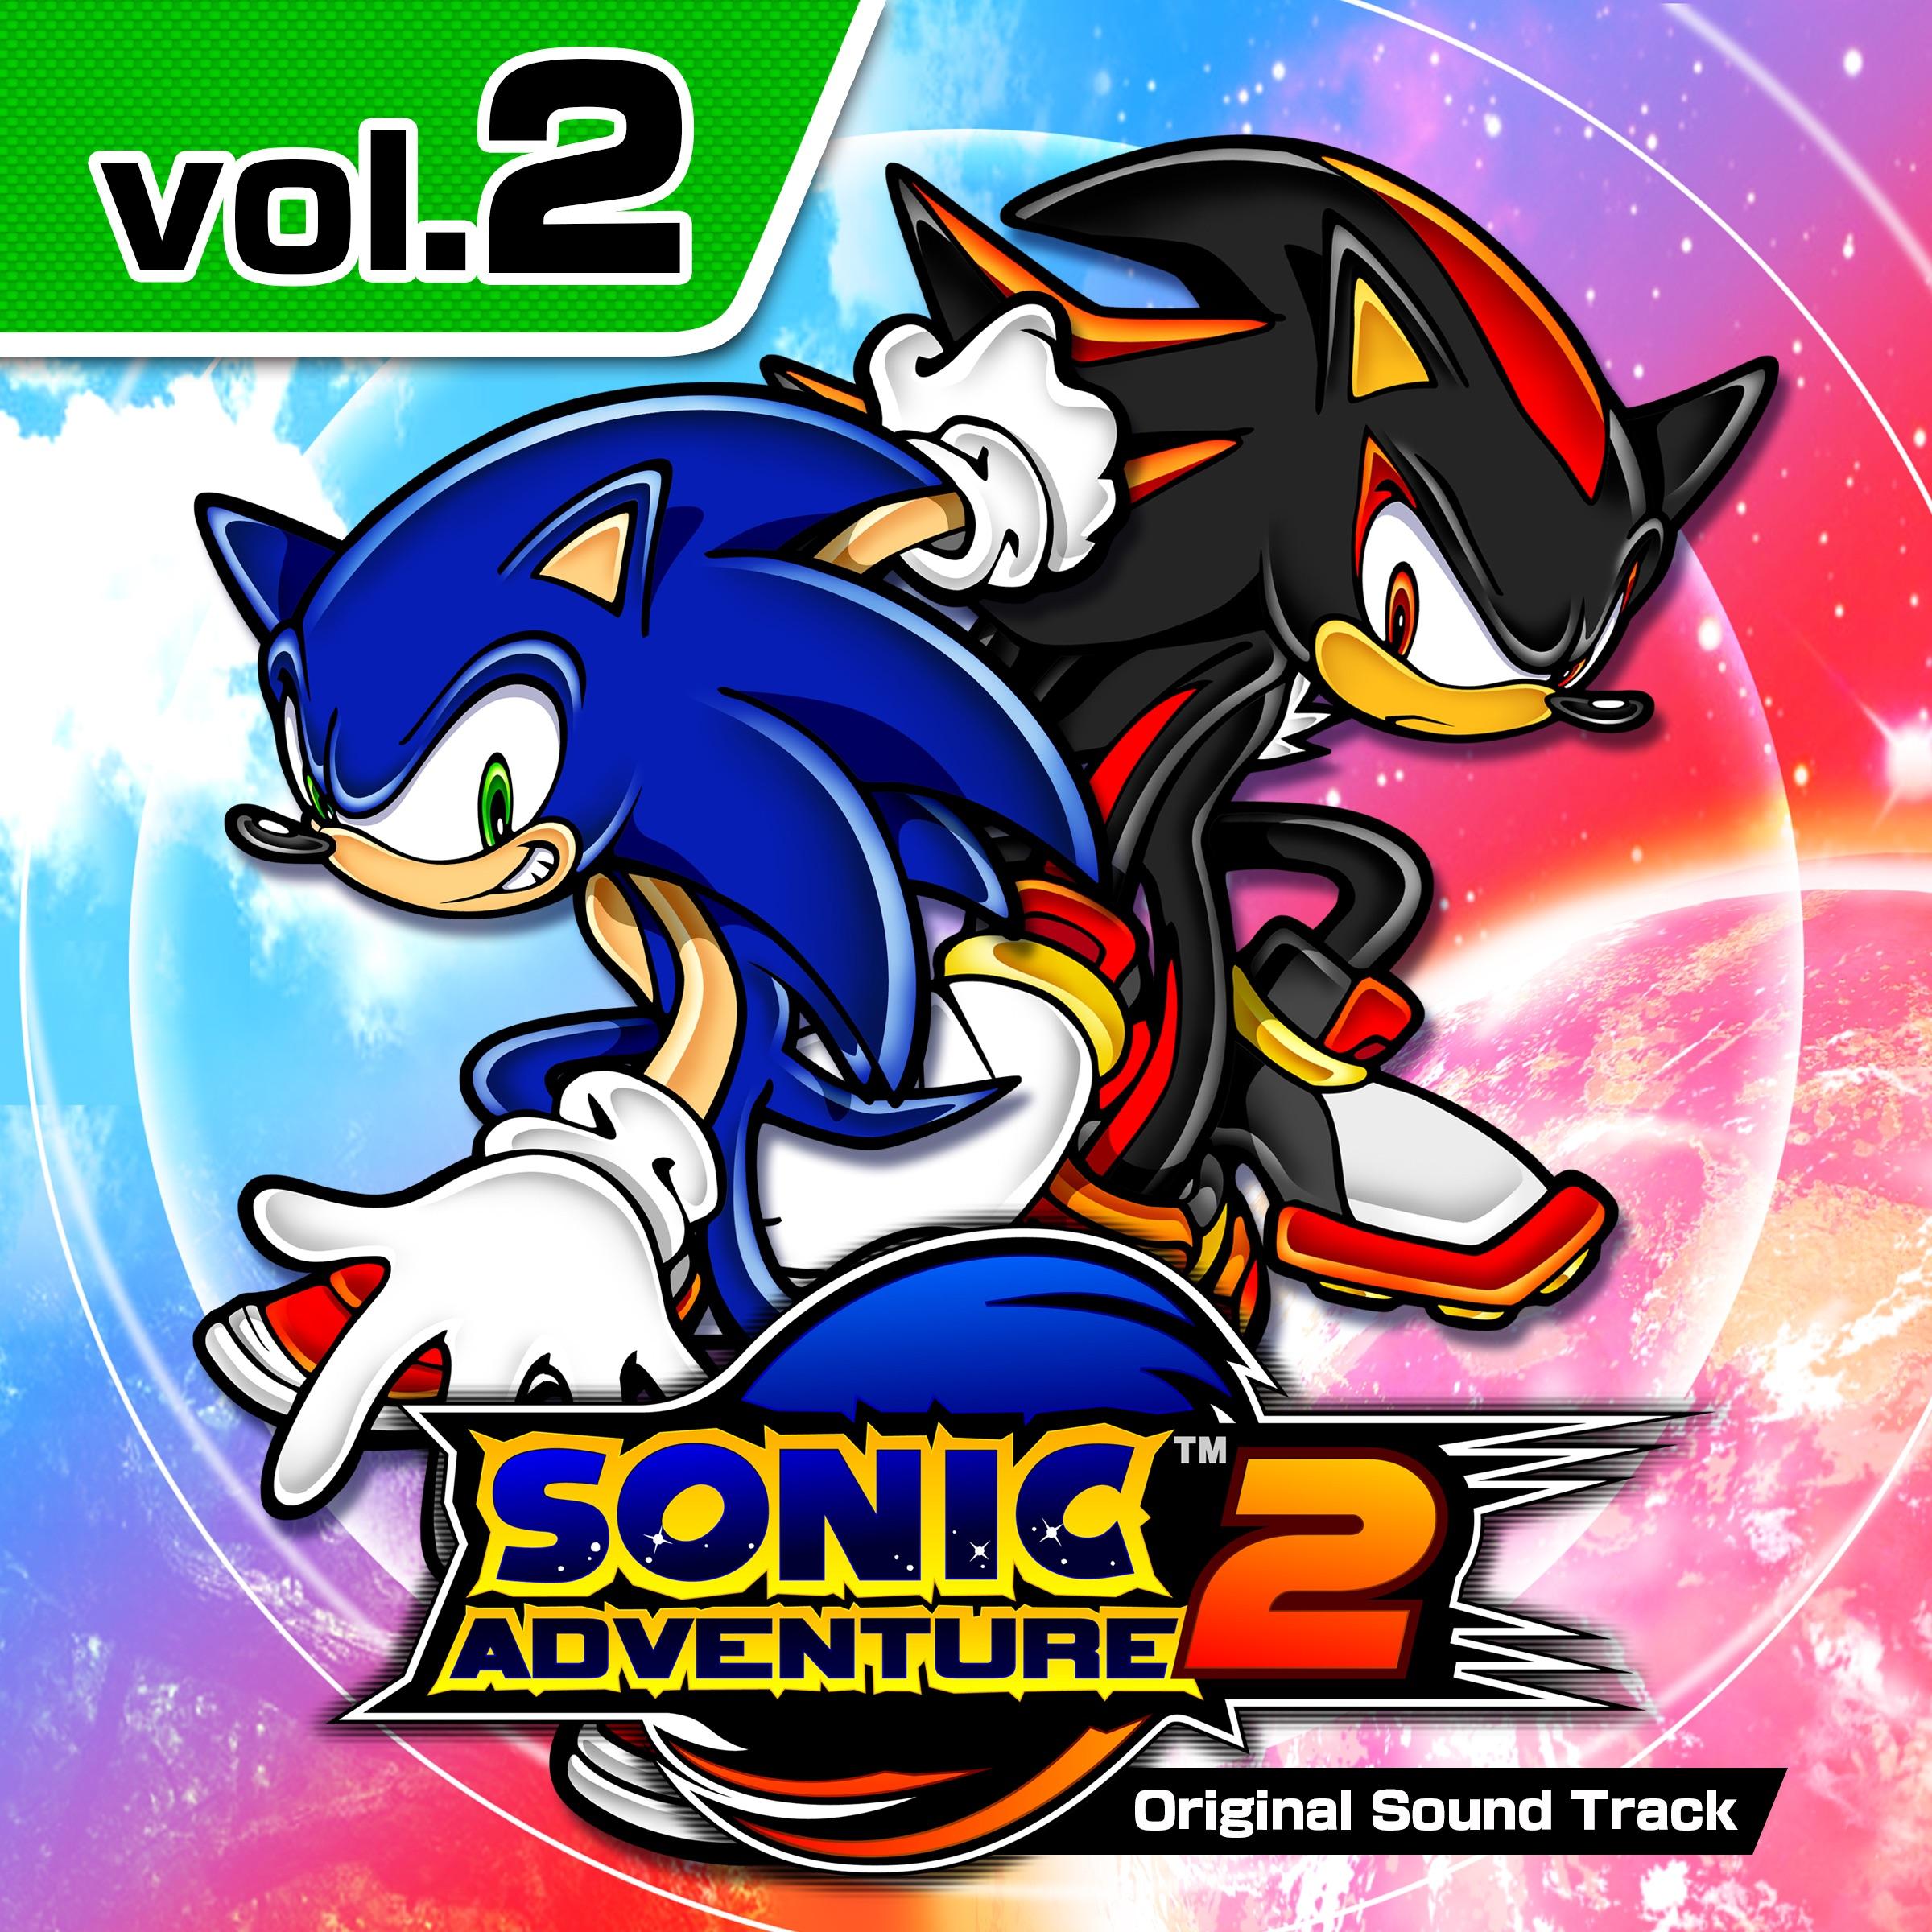 Sonic adventure 2 music download torrent